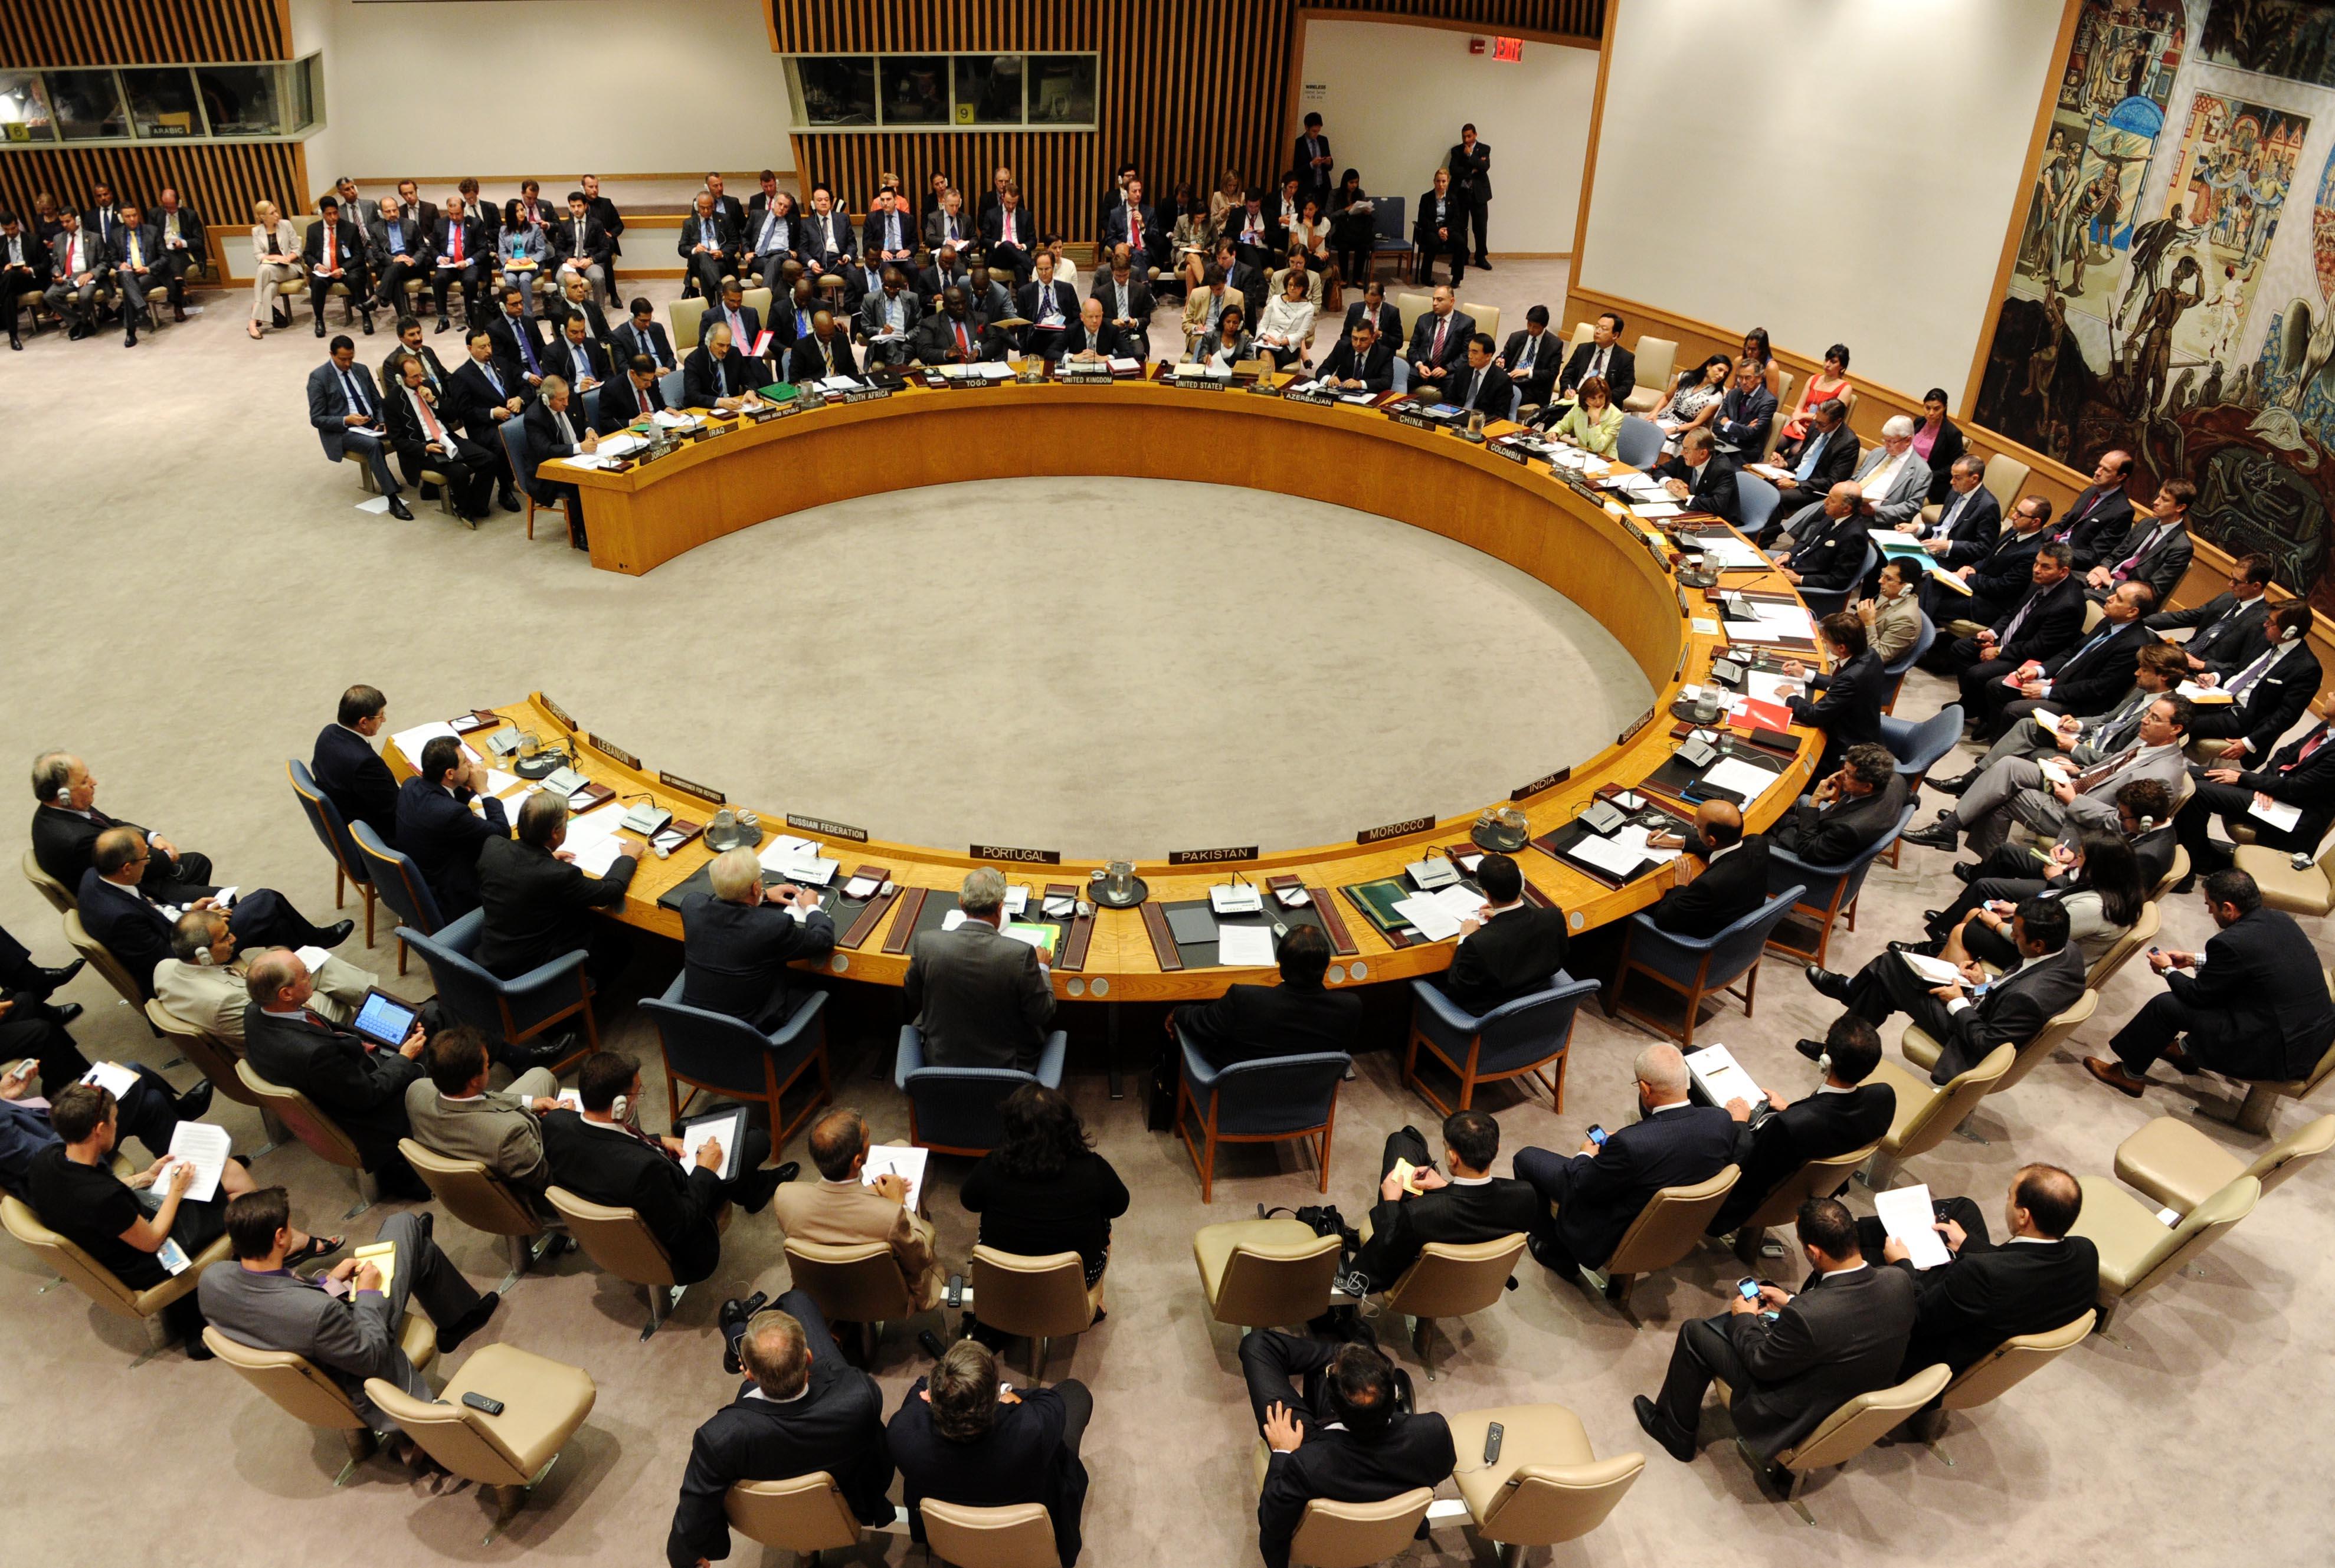 Les pays africains exhortés à un consensus sur la réforme du Conseil de sécurité